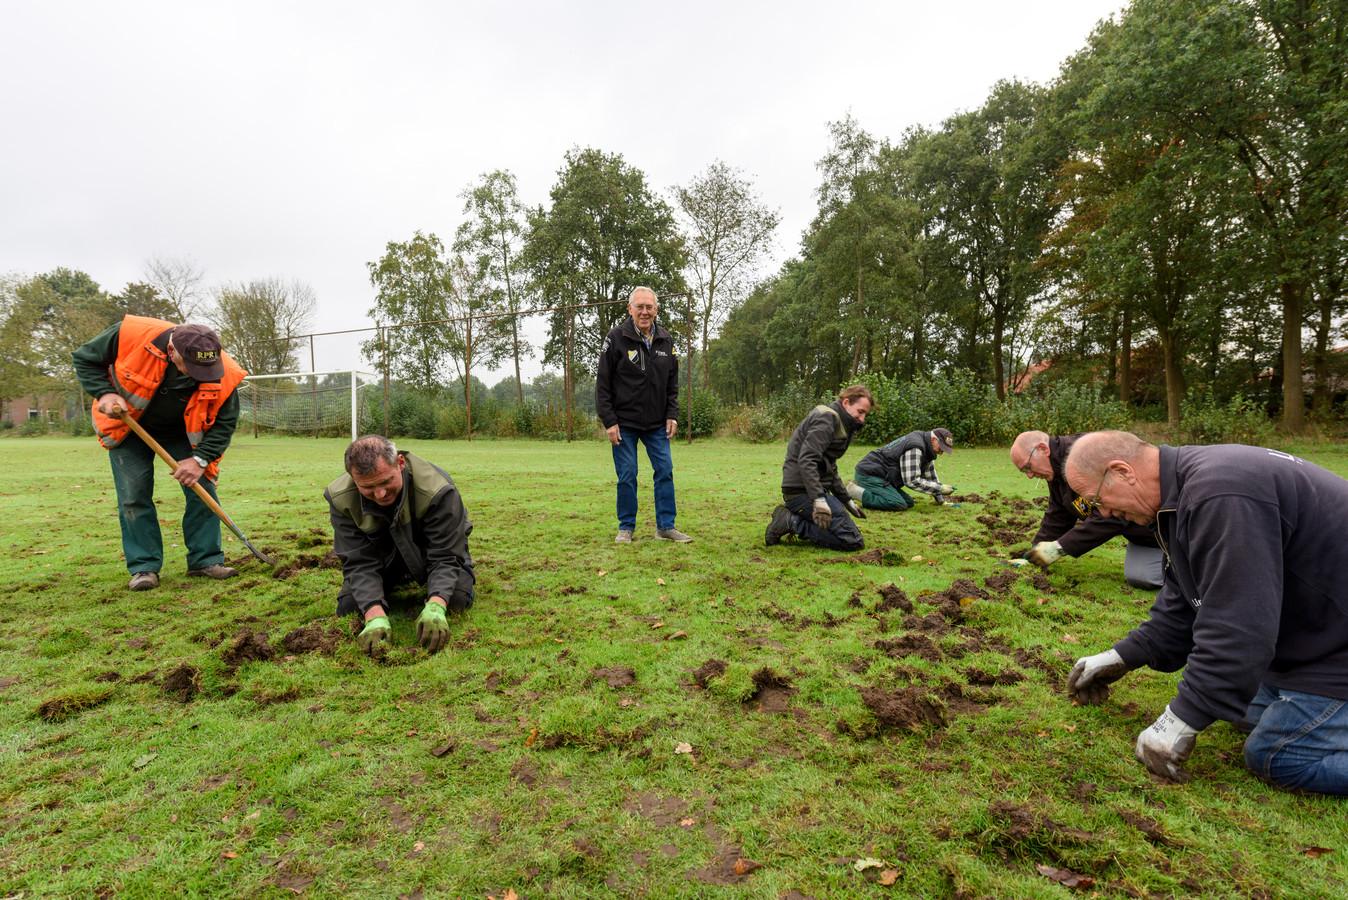 In allerijl wordt gepoogd het voetbalveld dat is omgewoeld door wilde zwijnen te herstellen. Staand in het midden Toon Kox.